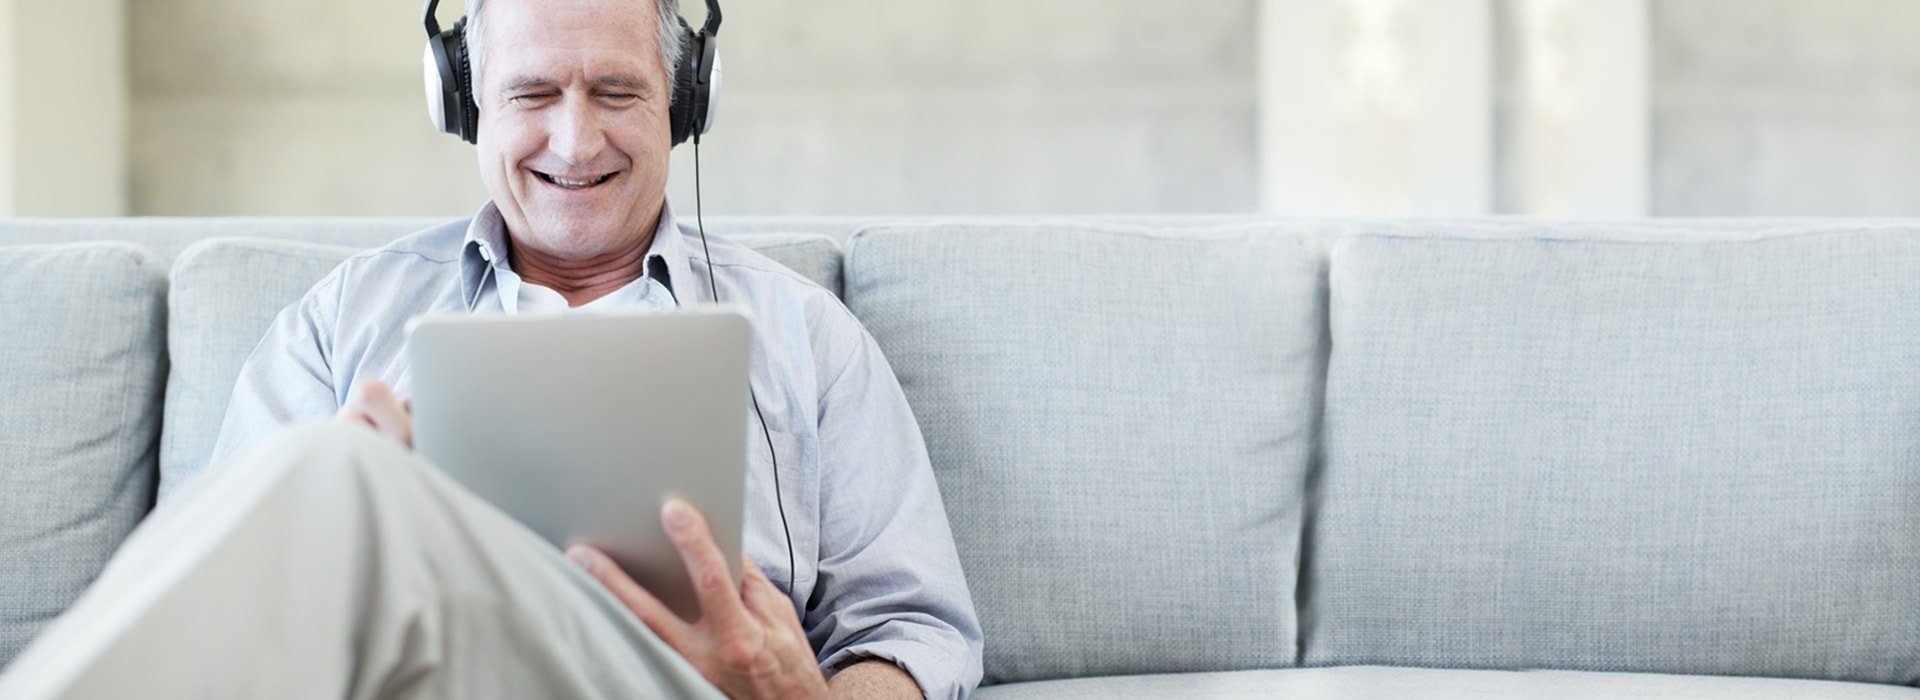 一位男士坐在沙發上,正在使用線上聽力測試檢查自己的聽力